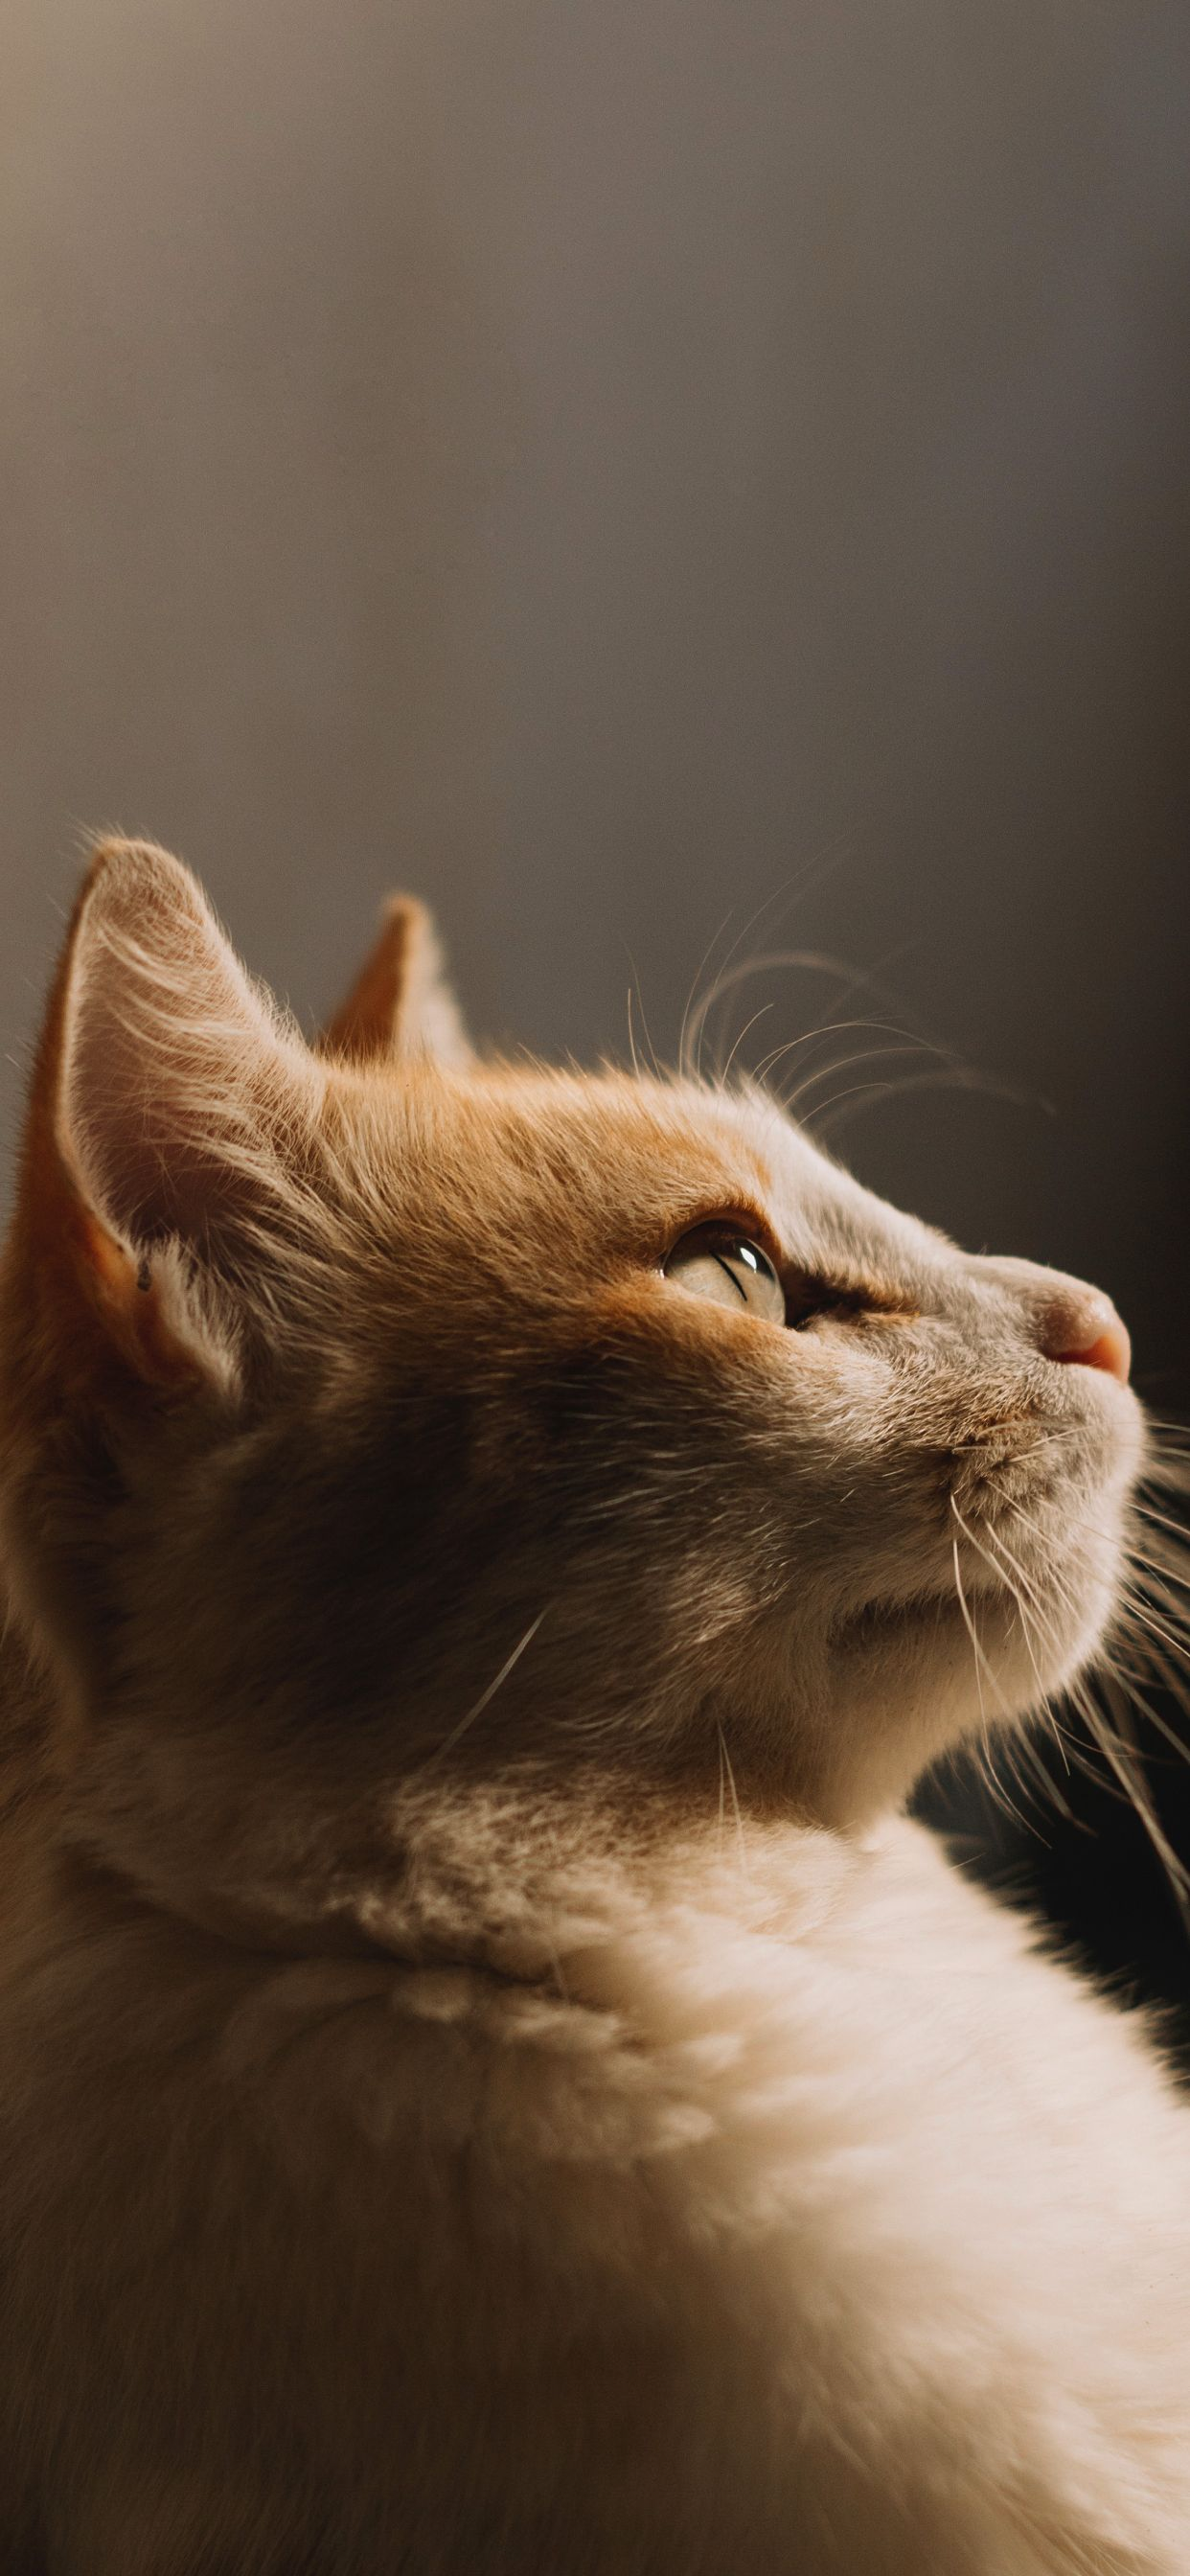 8 Cute Cat iPhone Wallpapers Cats iphone, Cute cat